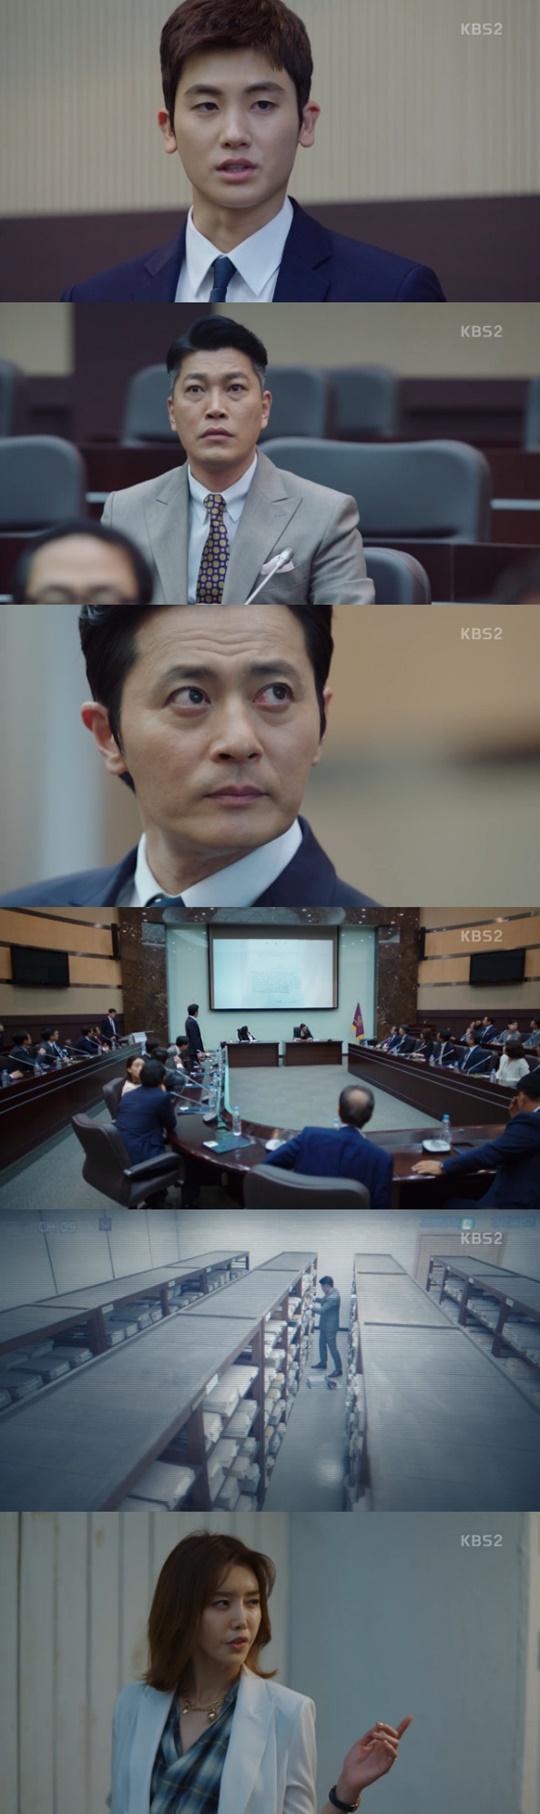 '슈츠' 가짜 변호사 박형식 강&함 직원 모두에게 정체 폭로당해